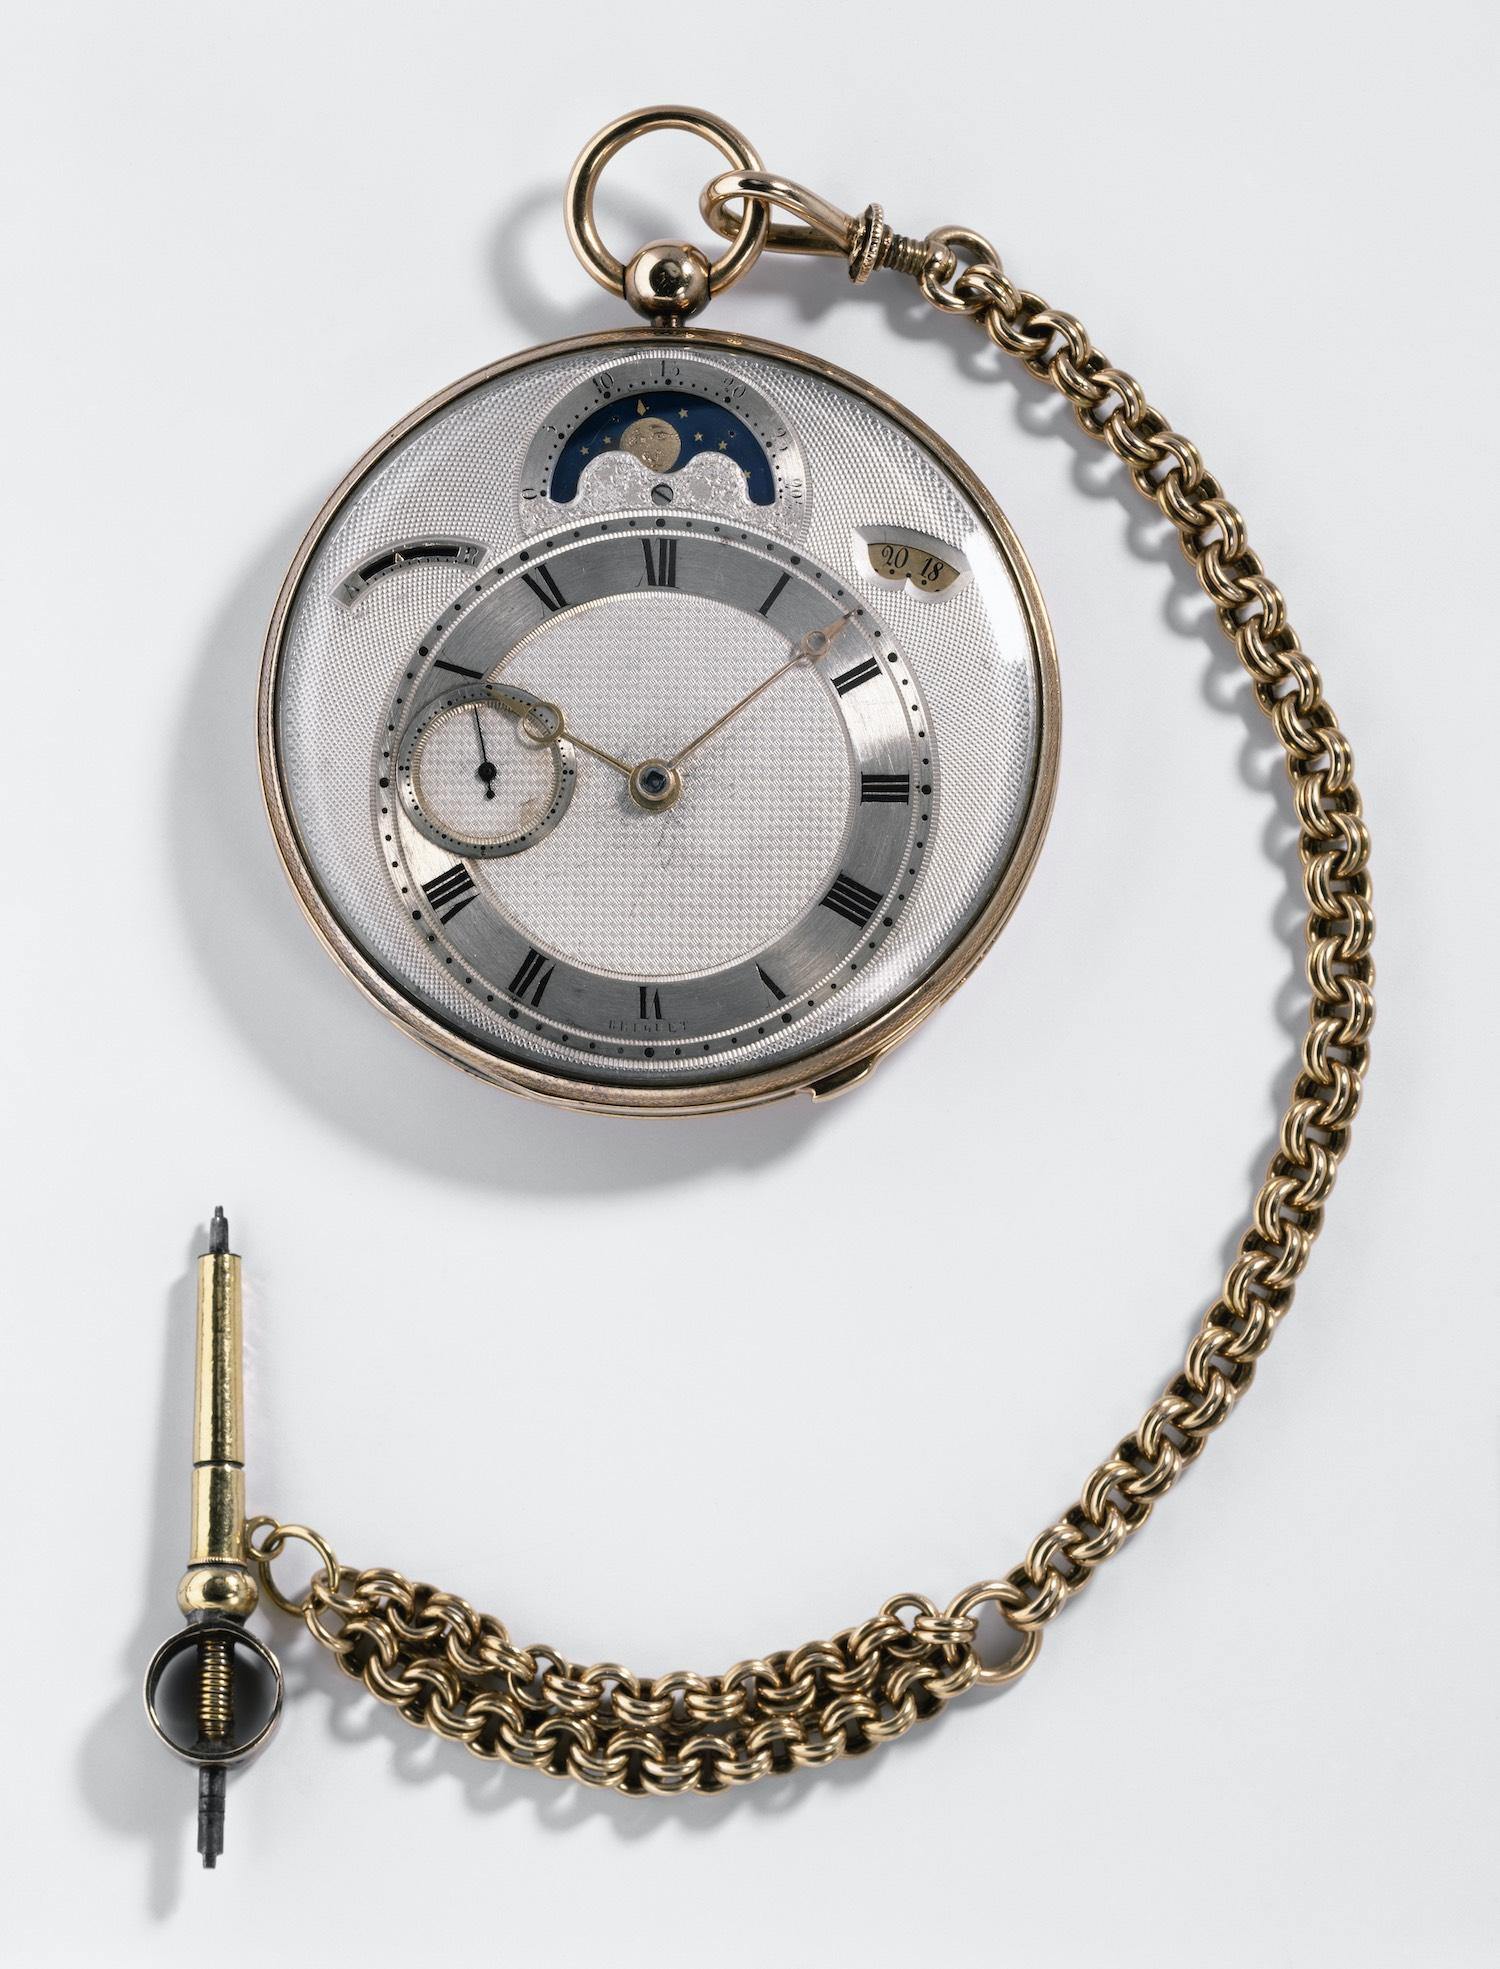 Breguet 3833 Calendar Pocket Watch Chinoise